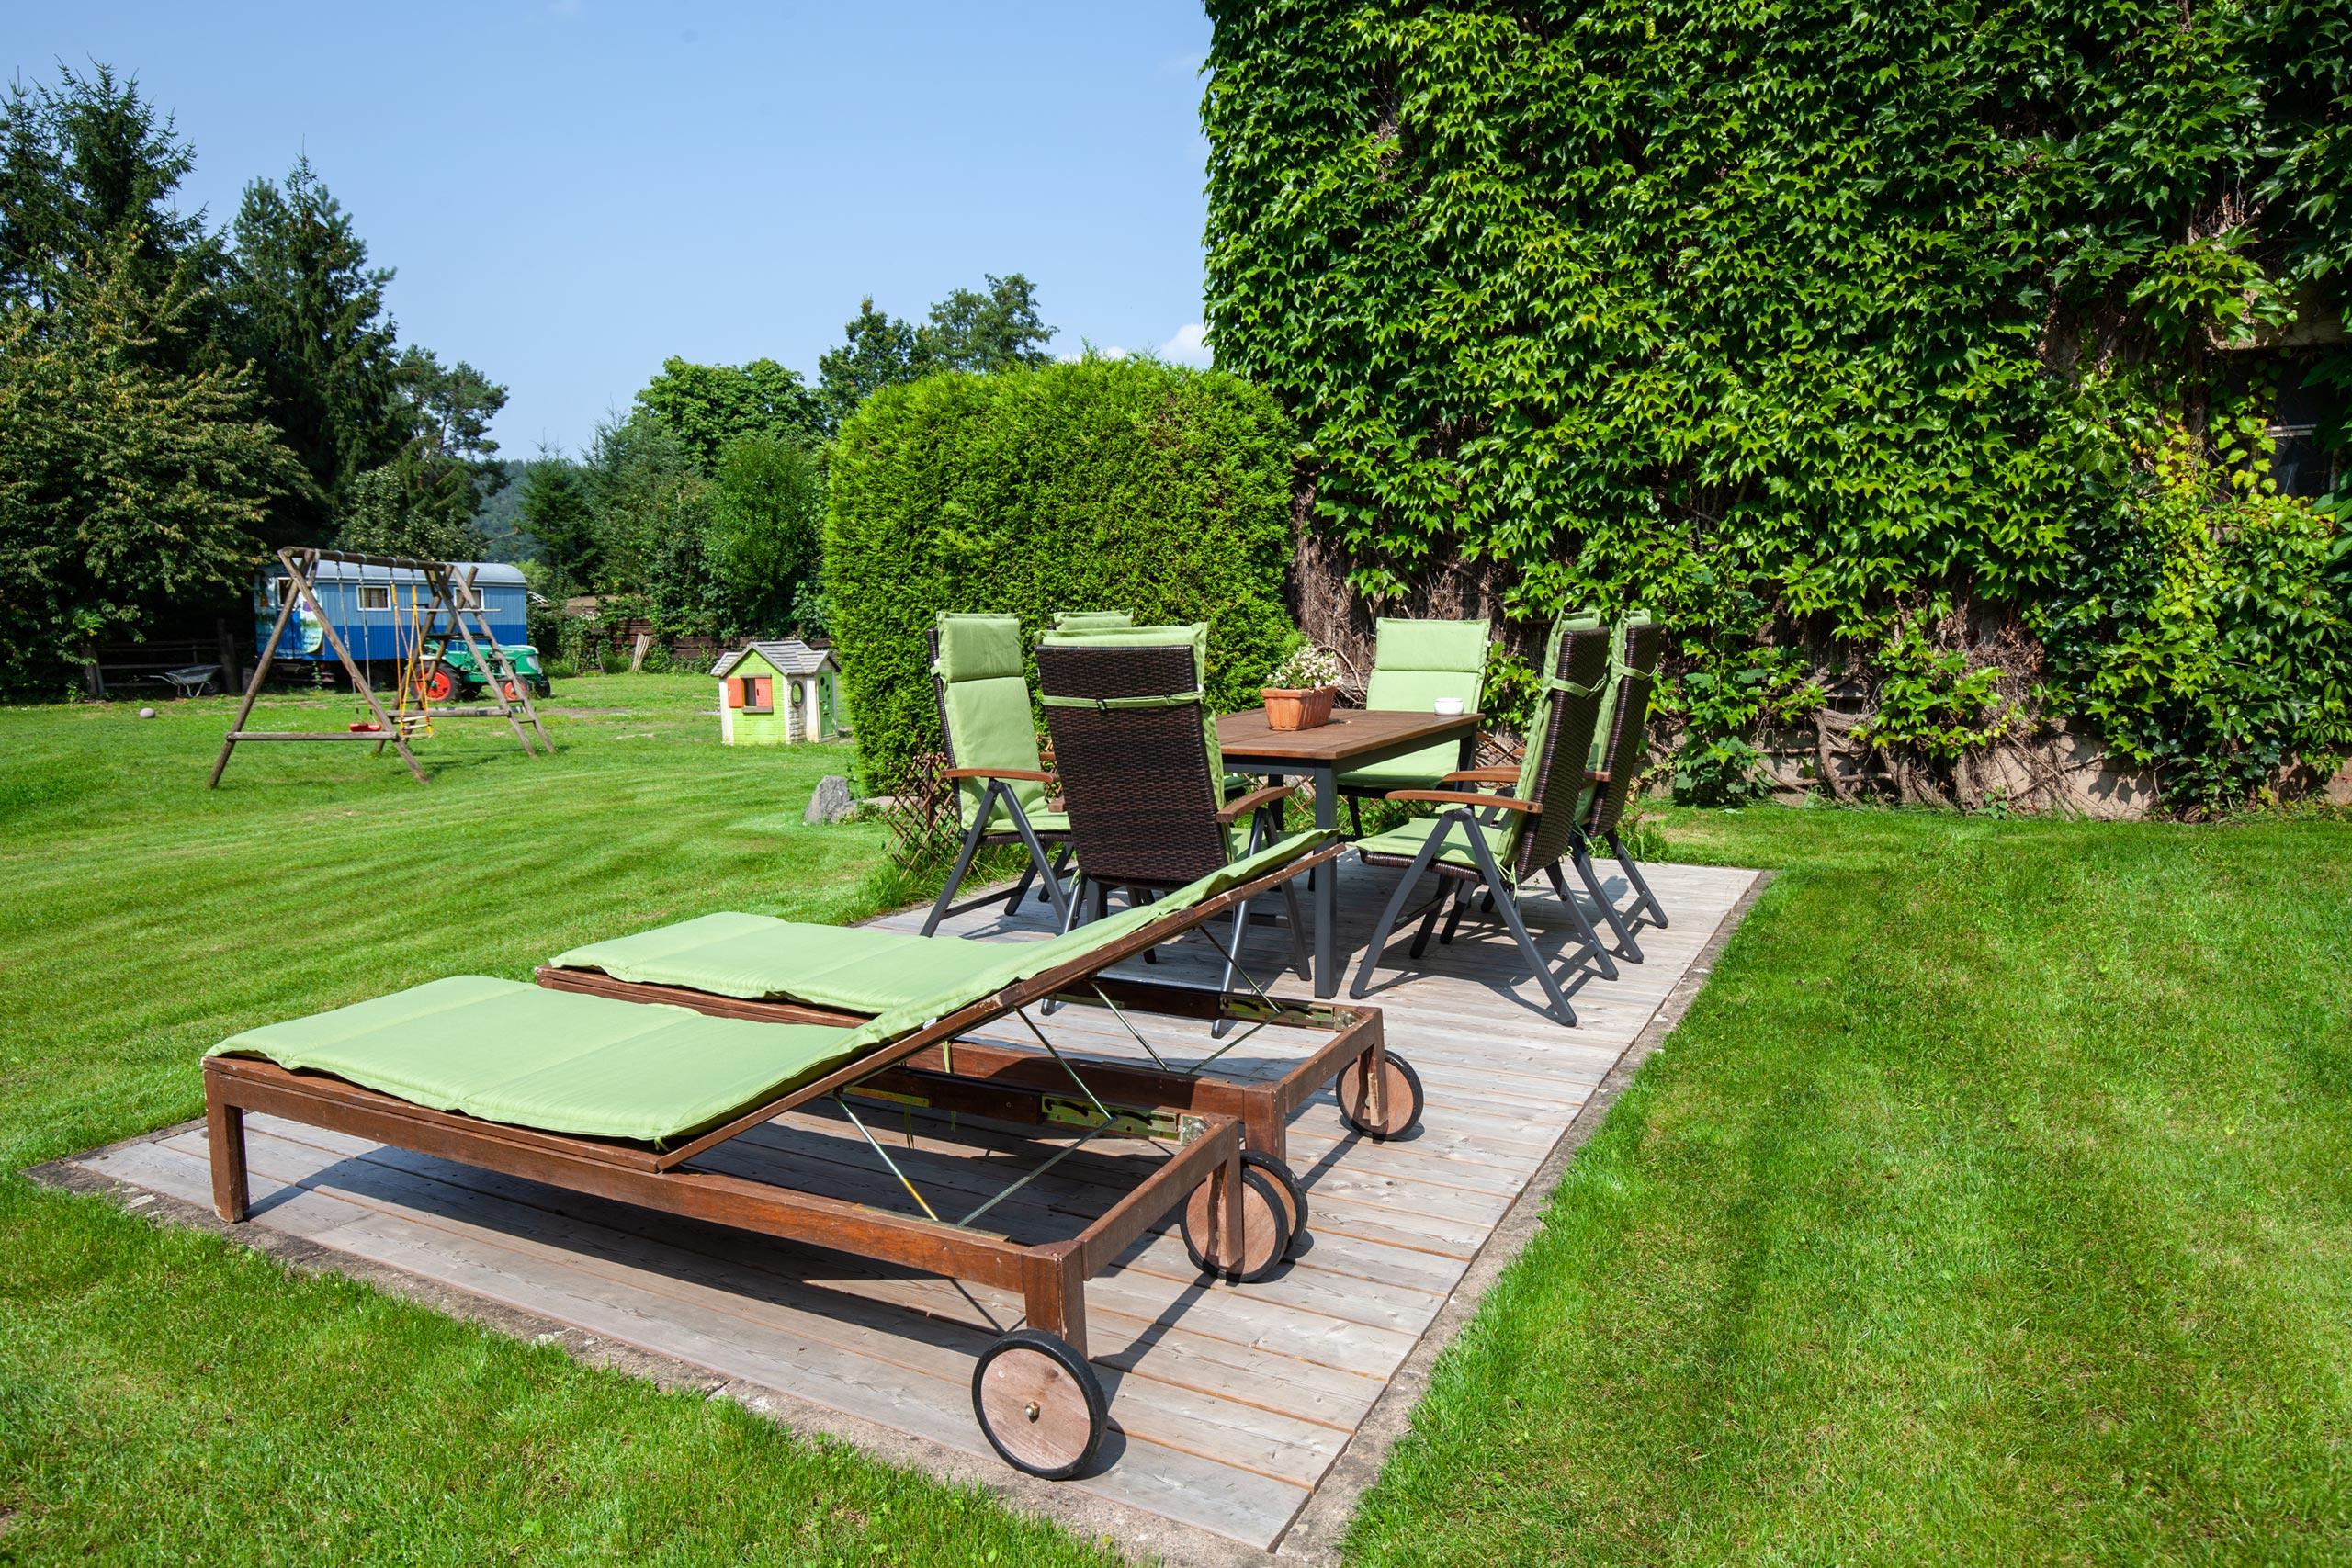 Ferienwohnung in Wächtersbach mit Garten